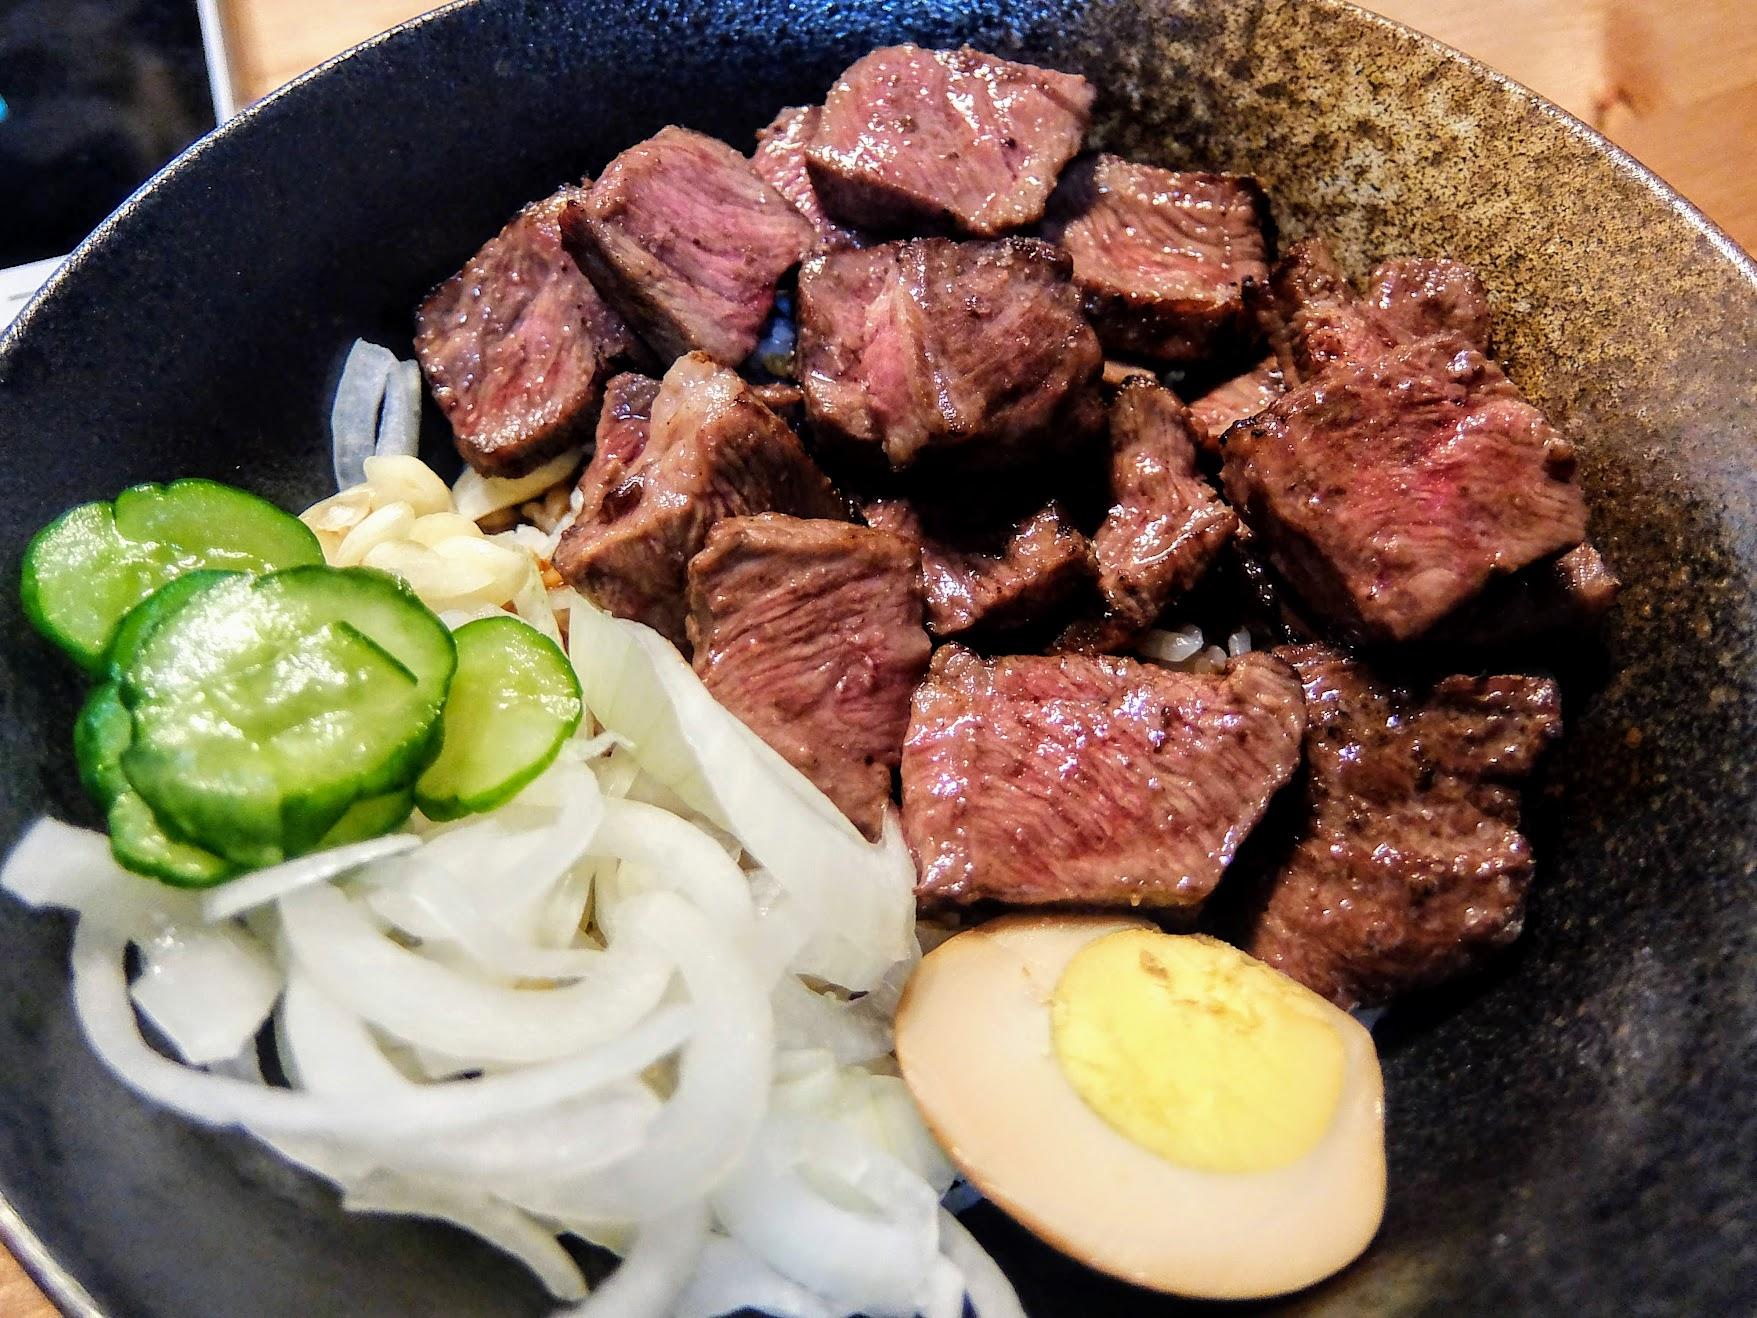 板腱牛肉蓋飯,跟剛剛的相同,只是肉不一樣而已